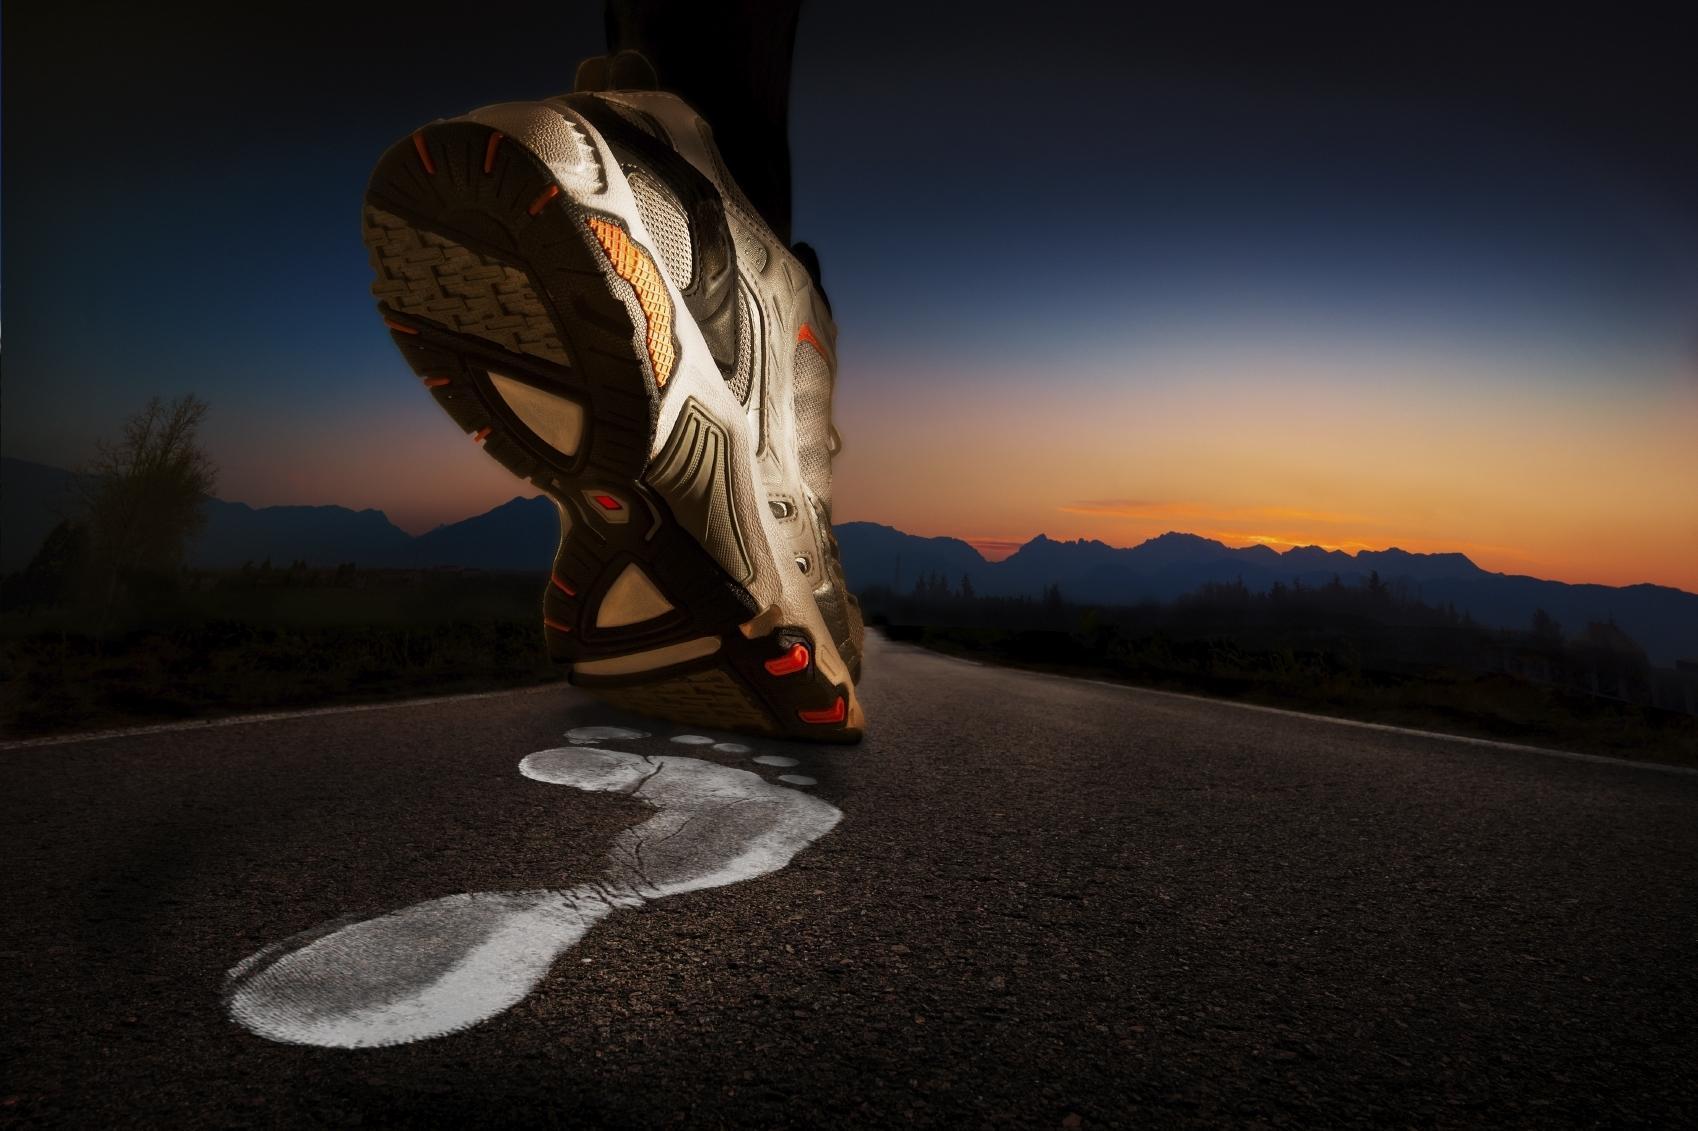 Como Descansar o Peso do Corpo Durante a Corrida